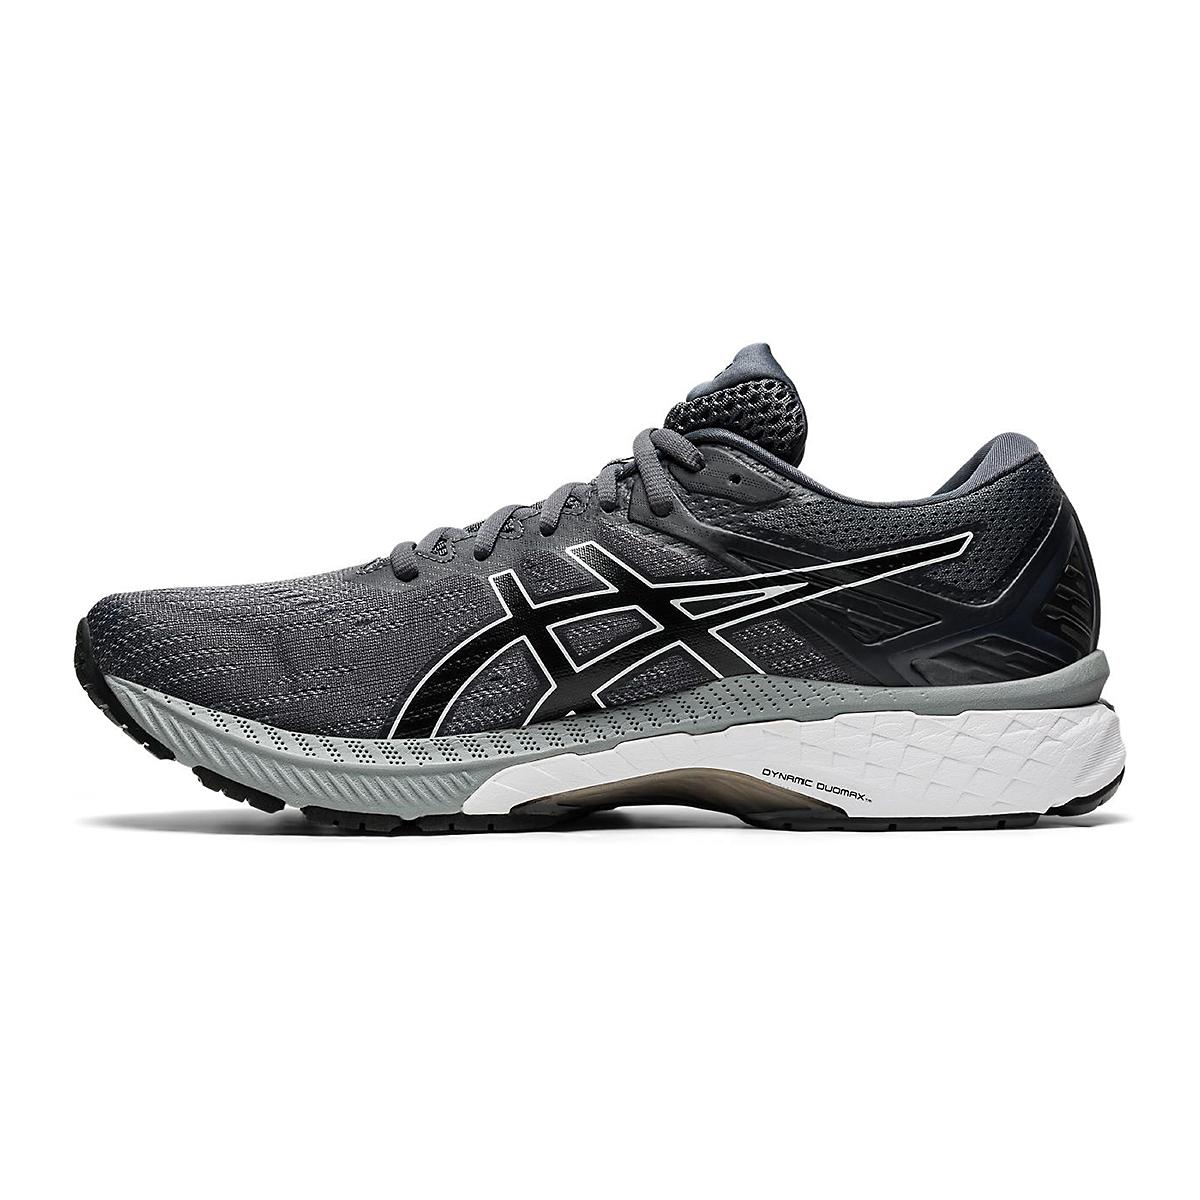 Men's Asics Gt-2000 9 Running Shoe - Color: Carrier Grey/Black - Size: 11 - Width: Regular, Carrier Grey/Black, large, image 2